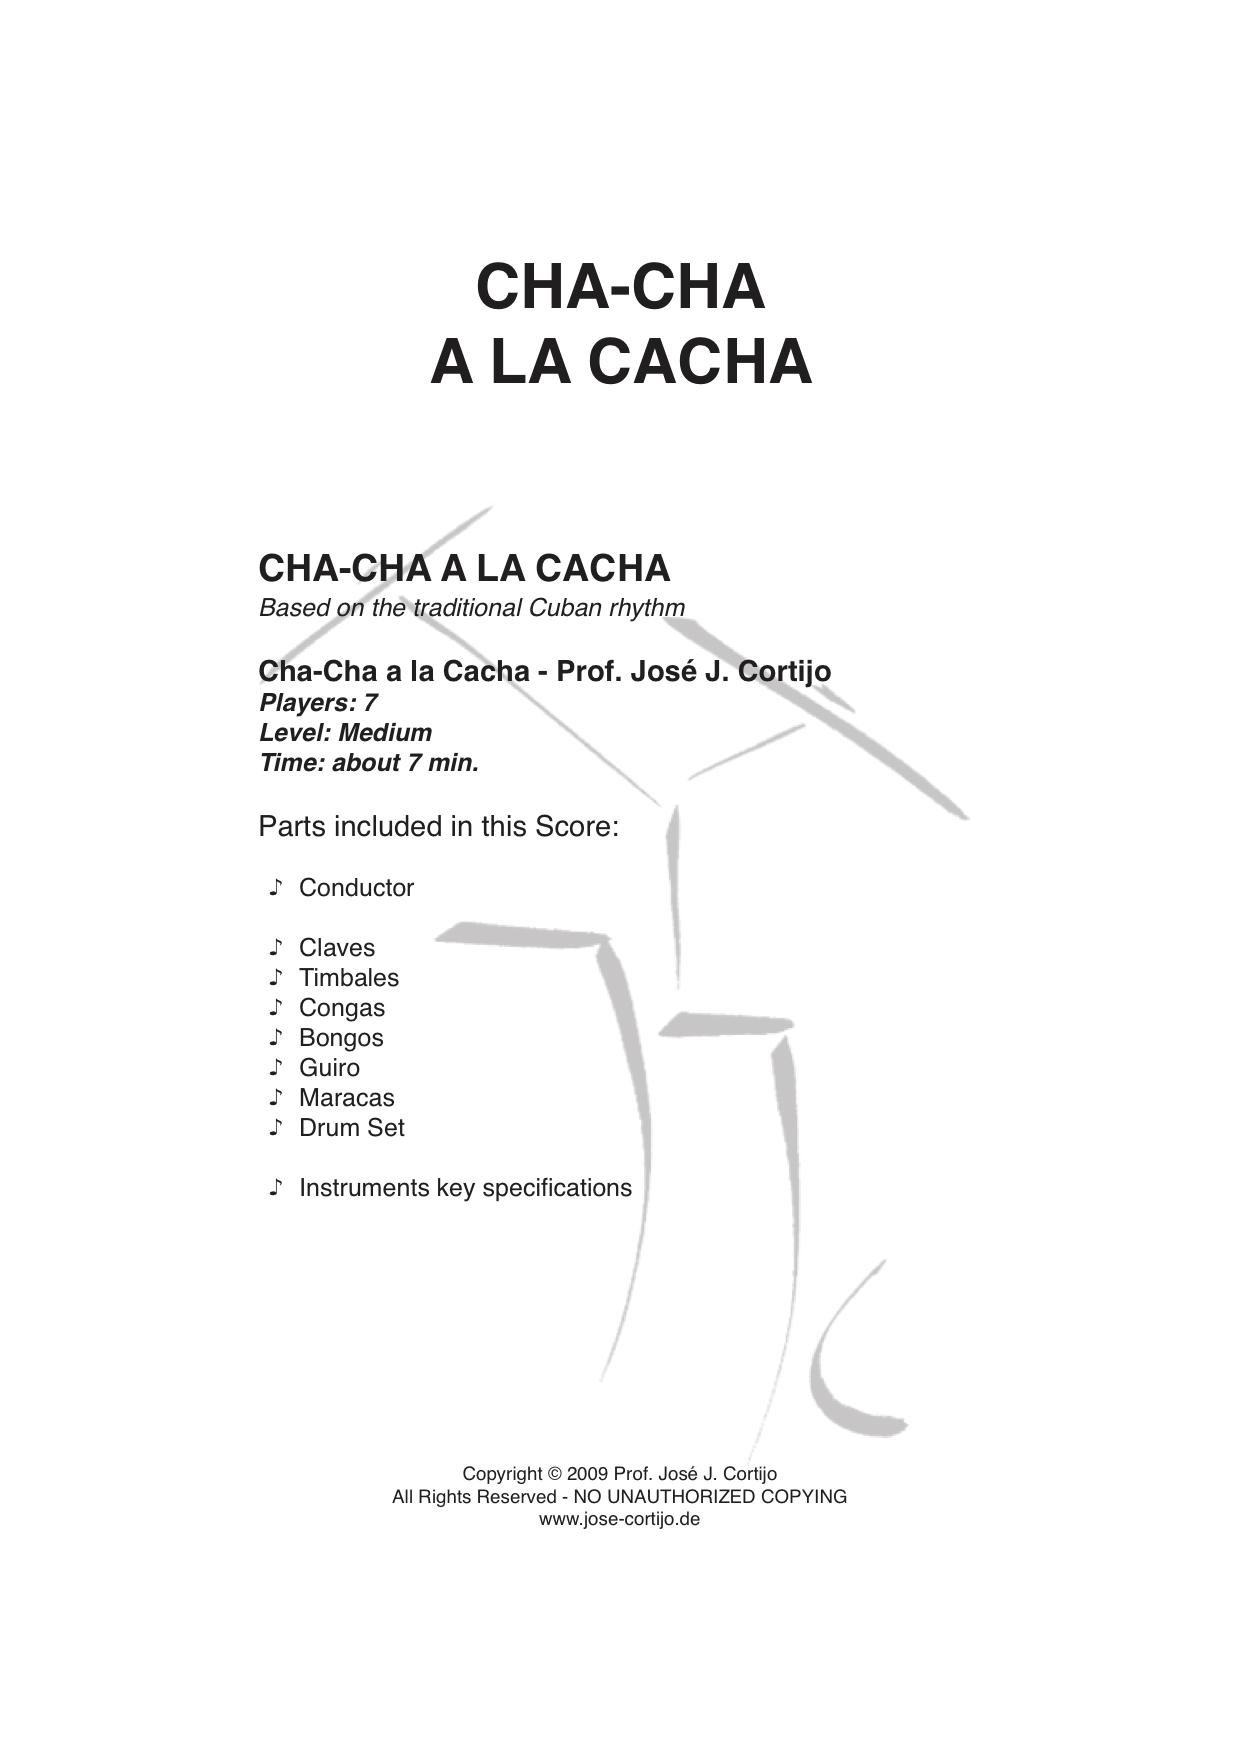 Cha-Cha a la Cacha